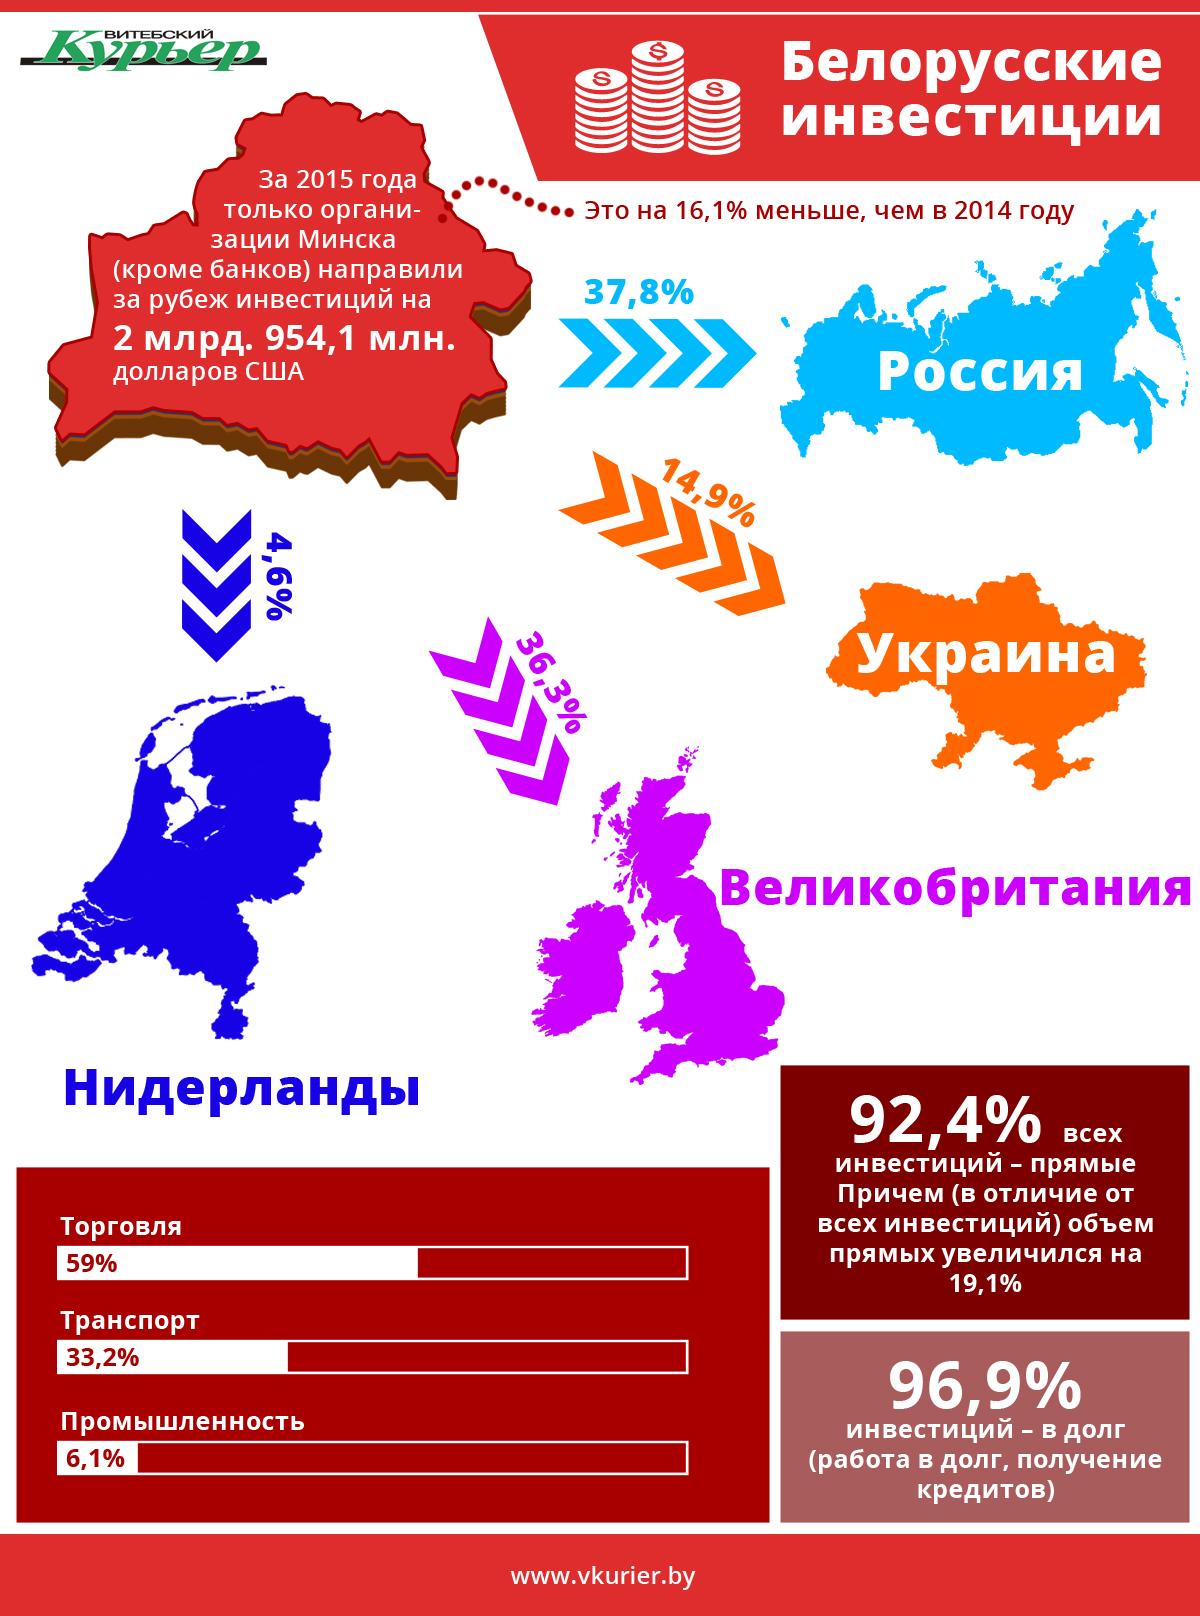 Финансы - Белорусские инвестиции (43)